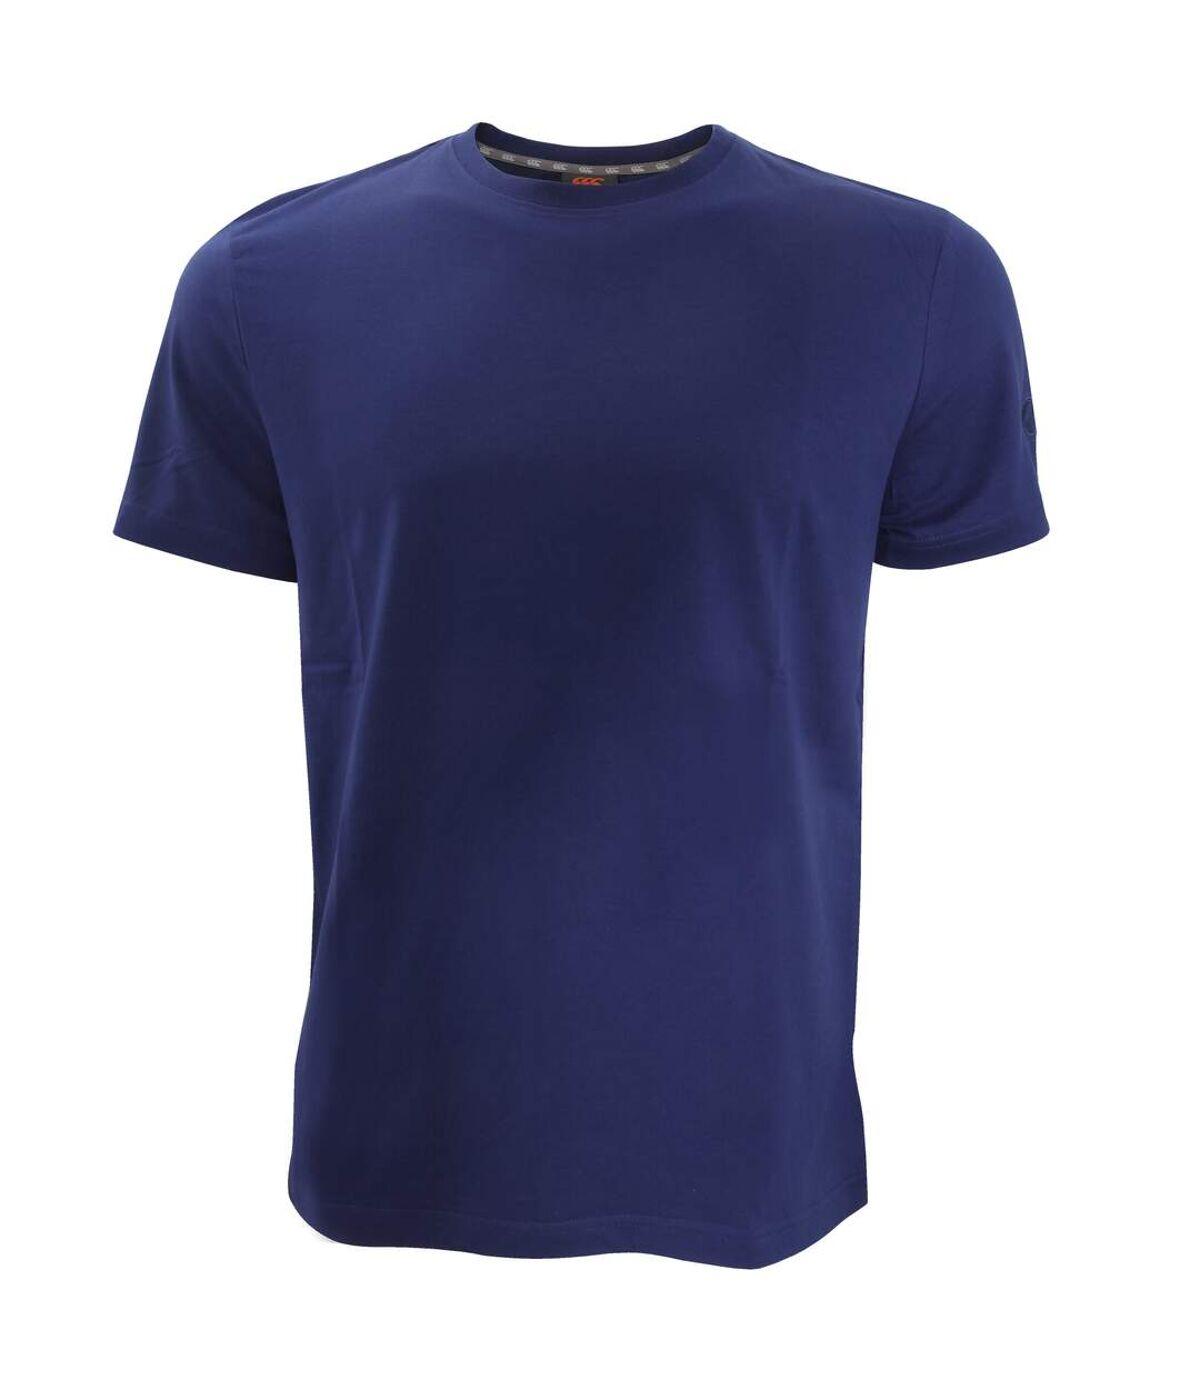 Canterbury Mens Team Plain Short Sleeve T-Shirt (Grey Marl) - UTPC2483